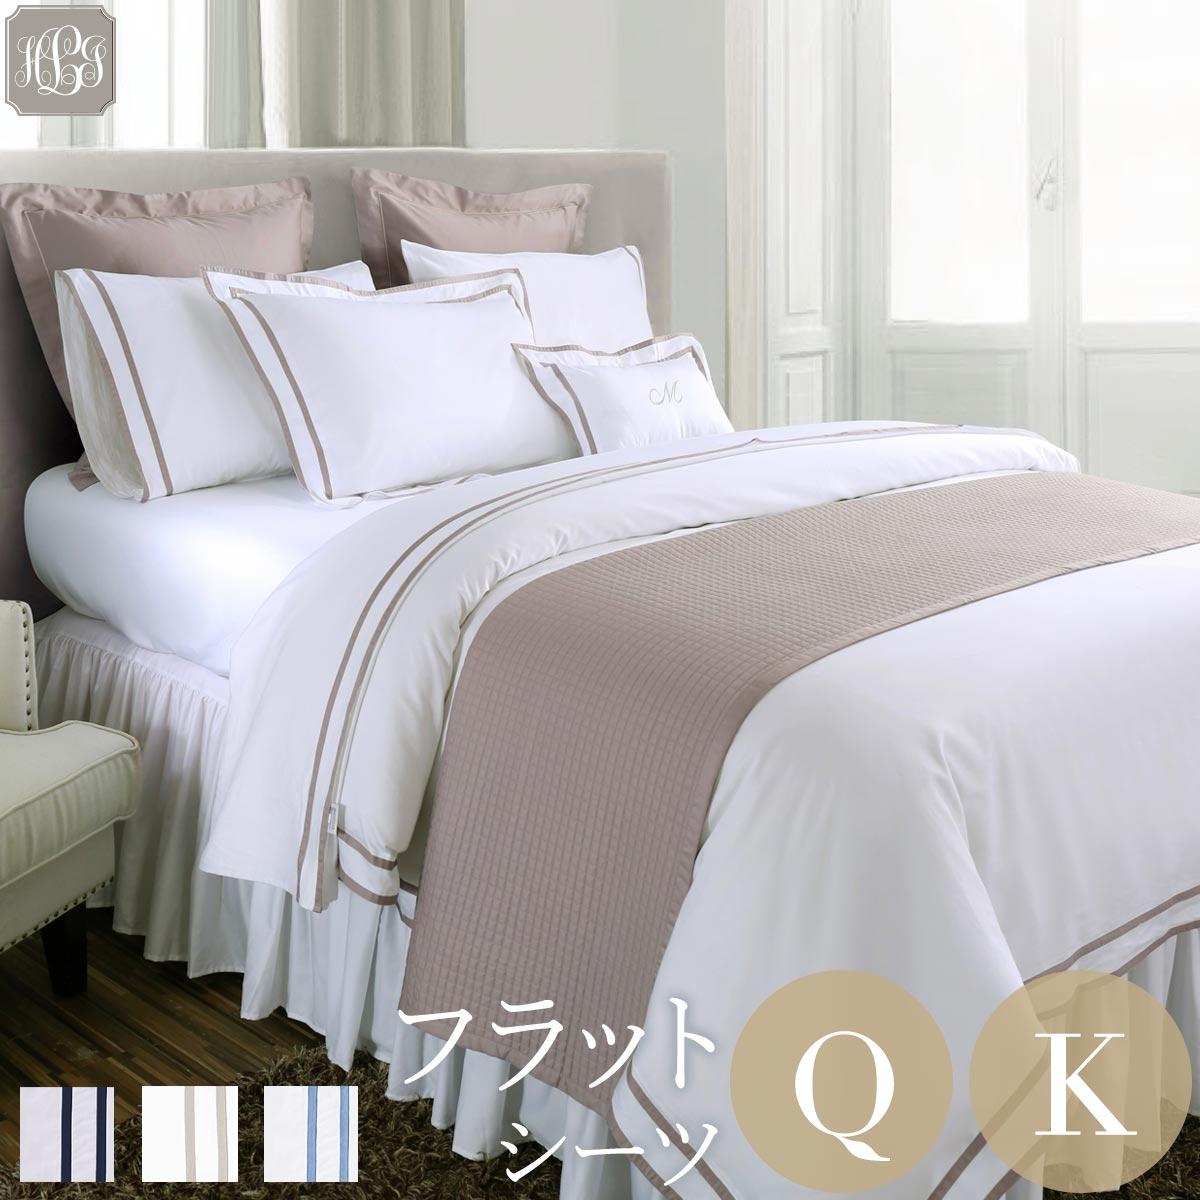 フラットシーツ / クイーン・キング / 240×290cm / 400TC ホテル